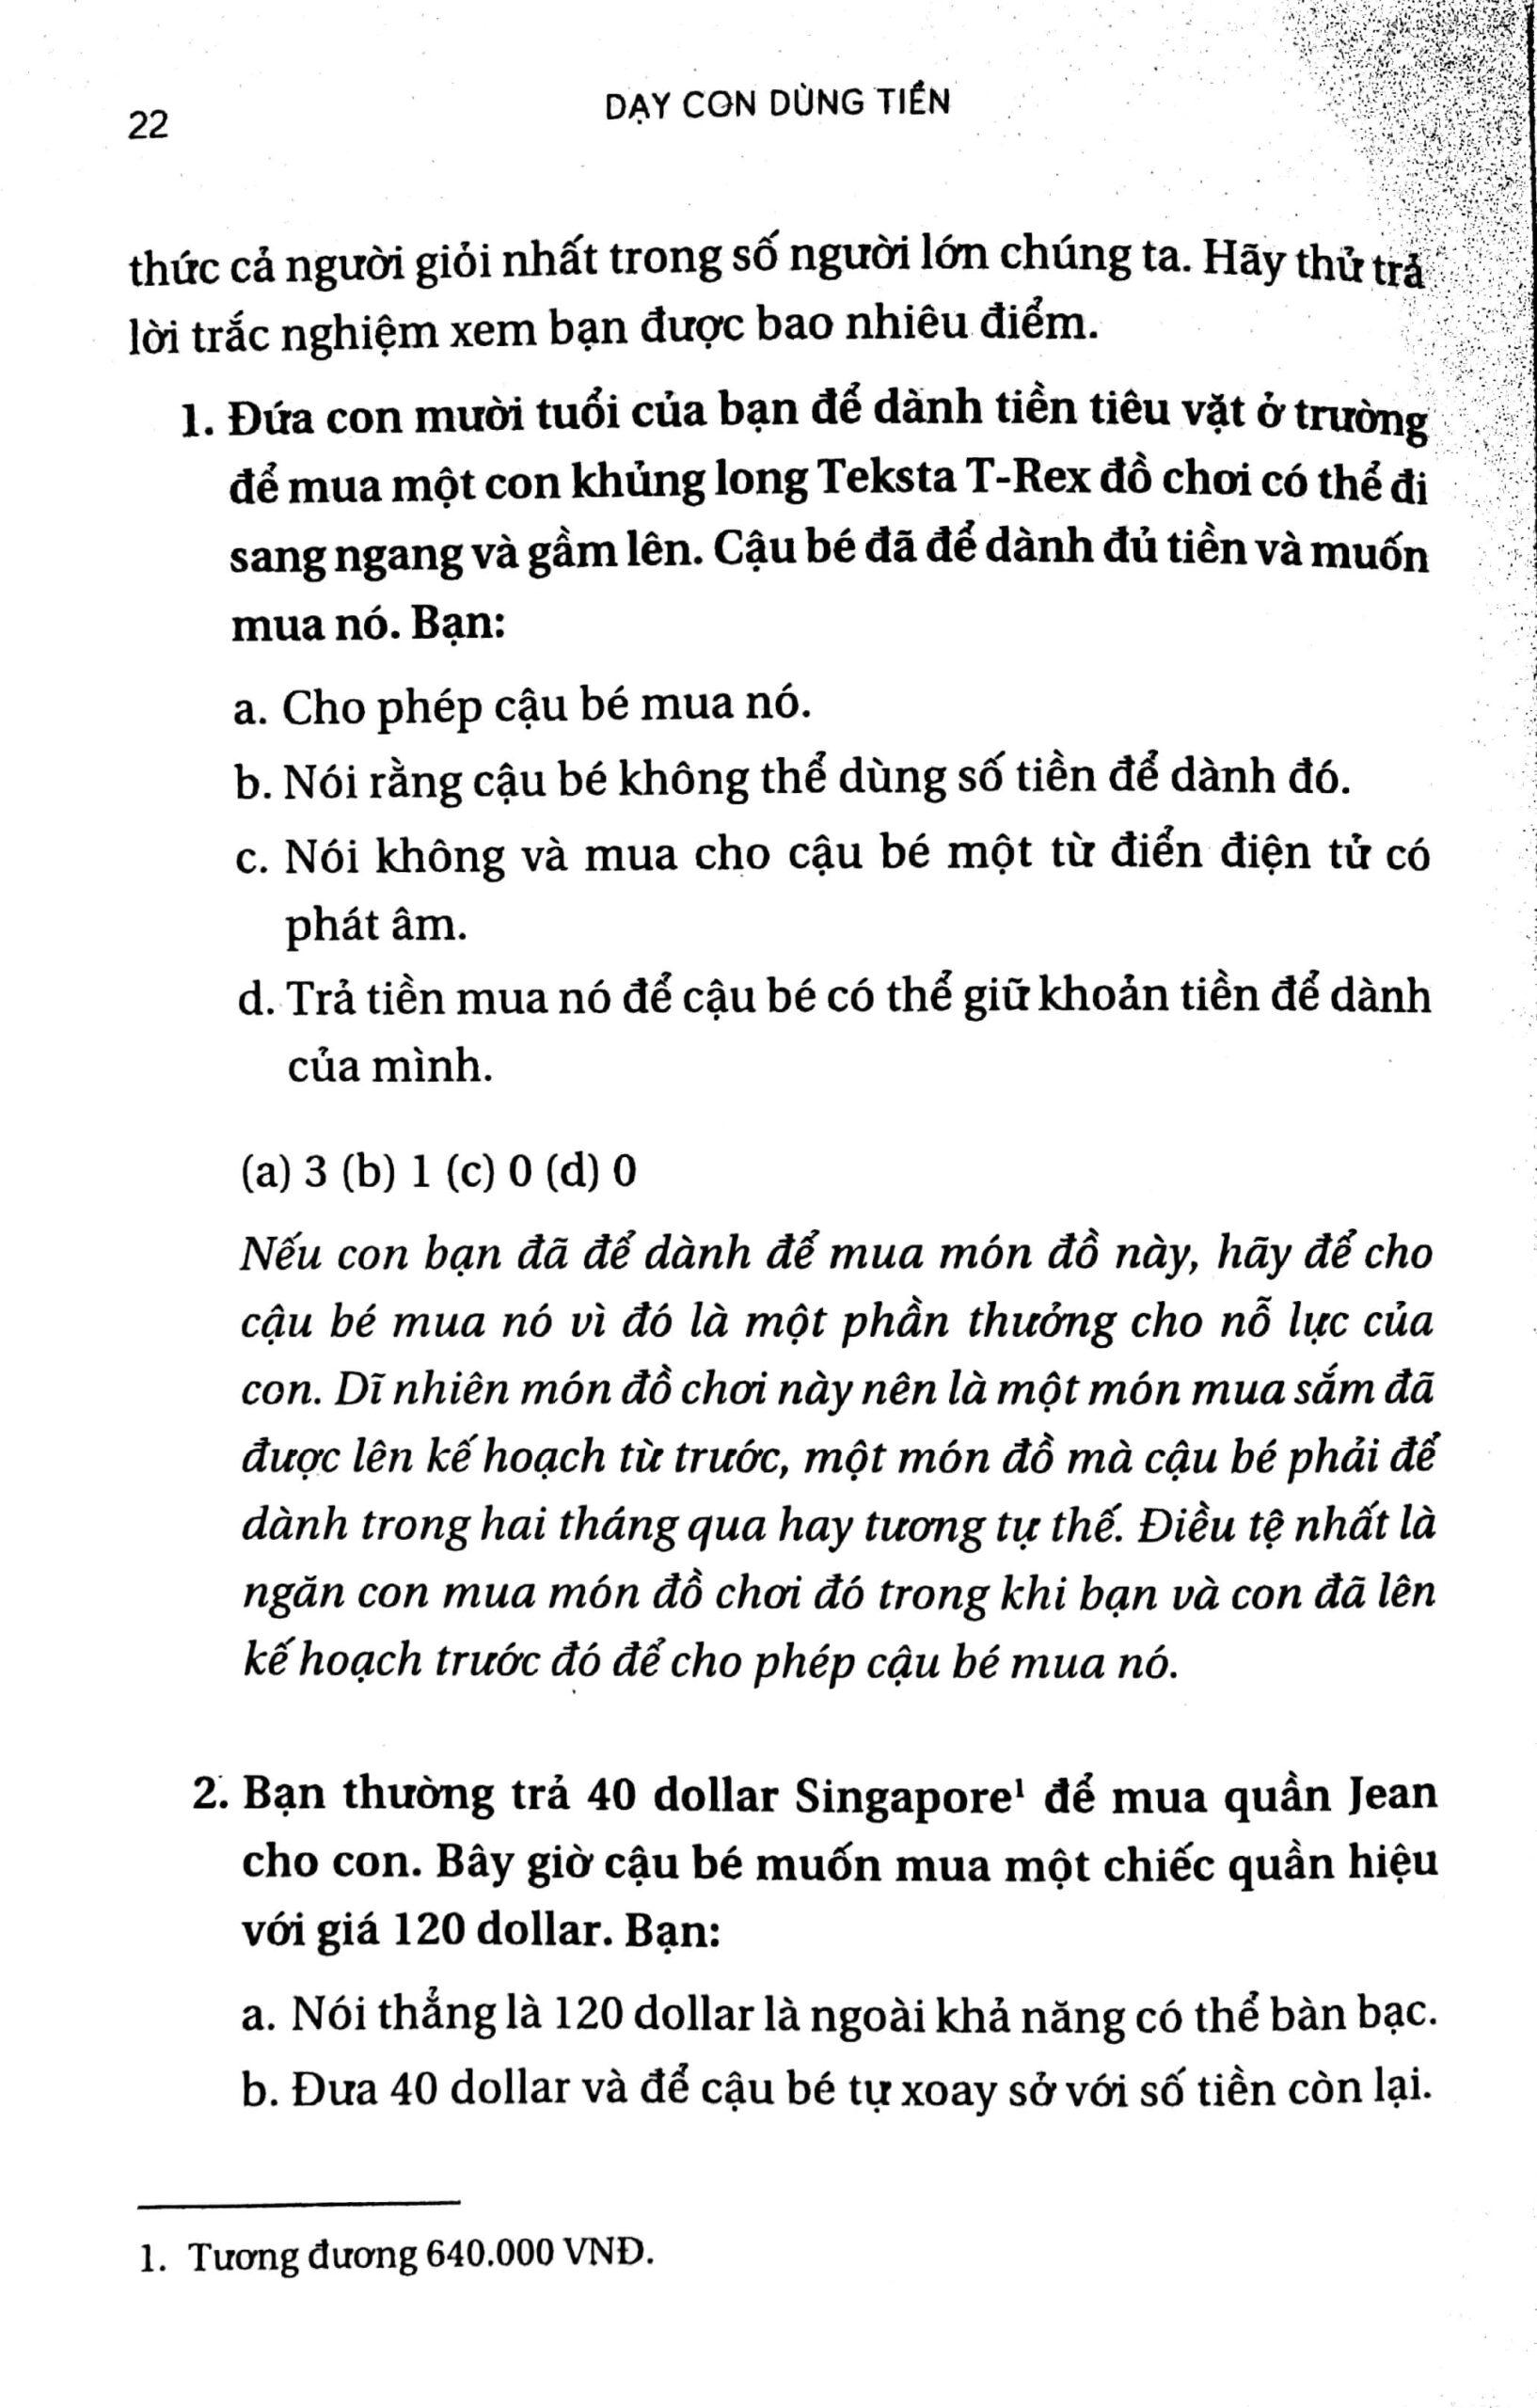 chương 1 - quan trọng hơn chỉ là tiền bạc 6 - Dạy Con Dùng Tiền - Adam Khoo và Keon Chee